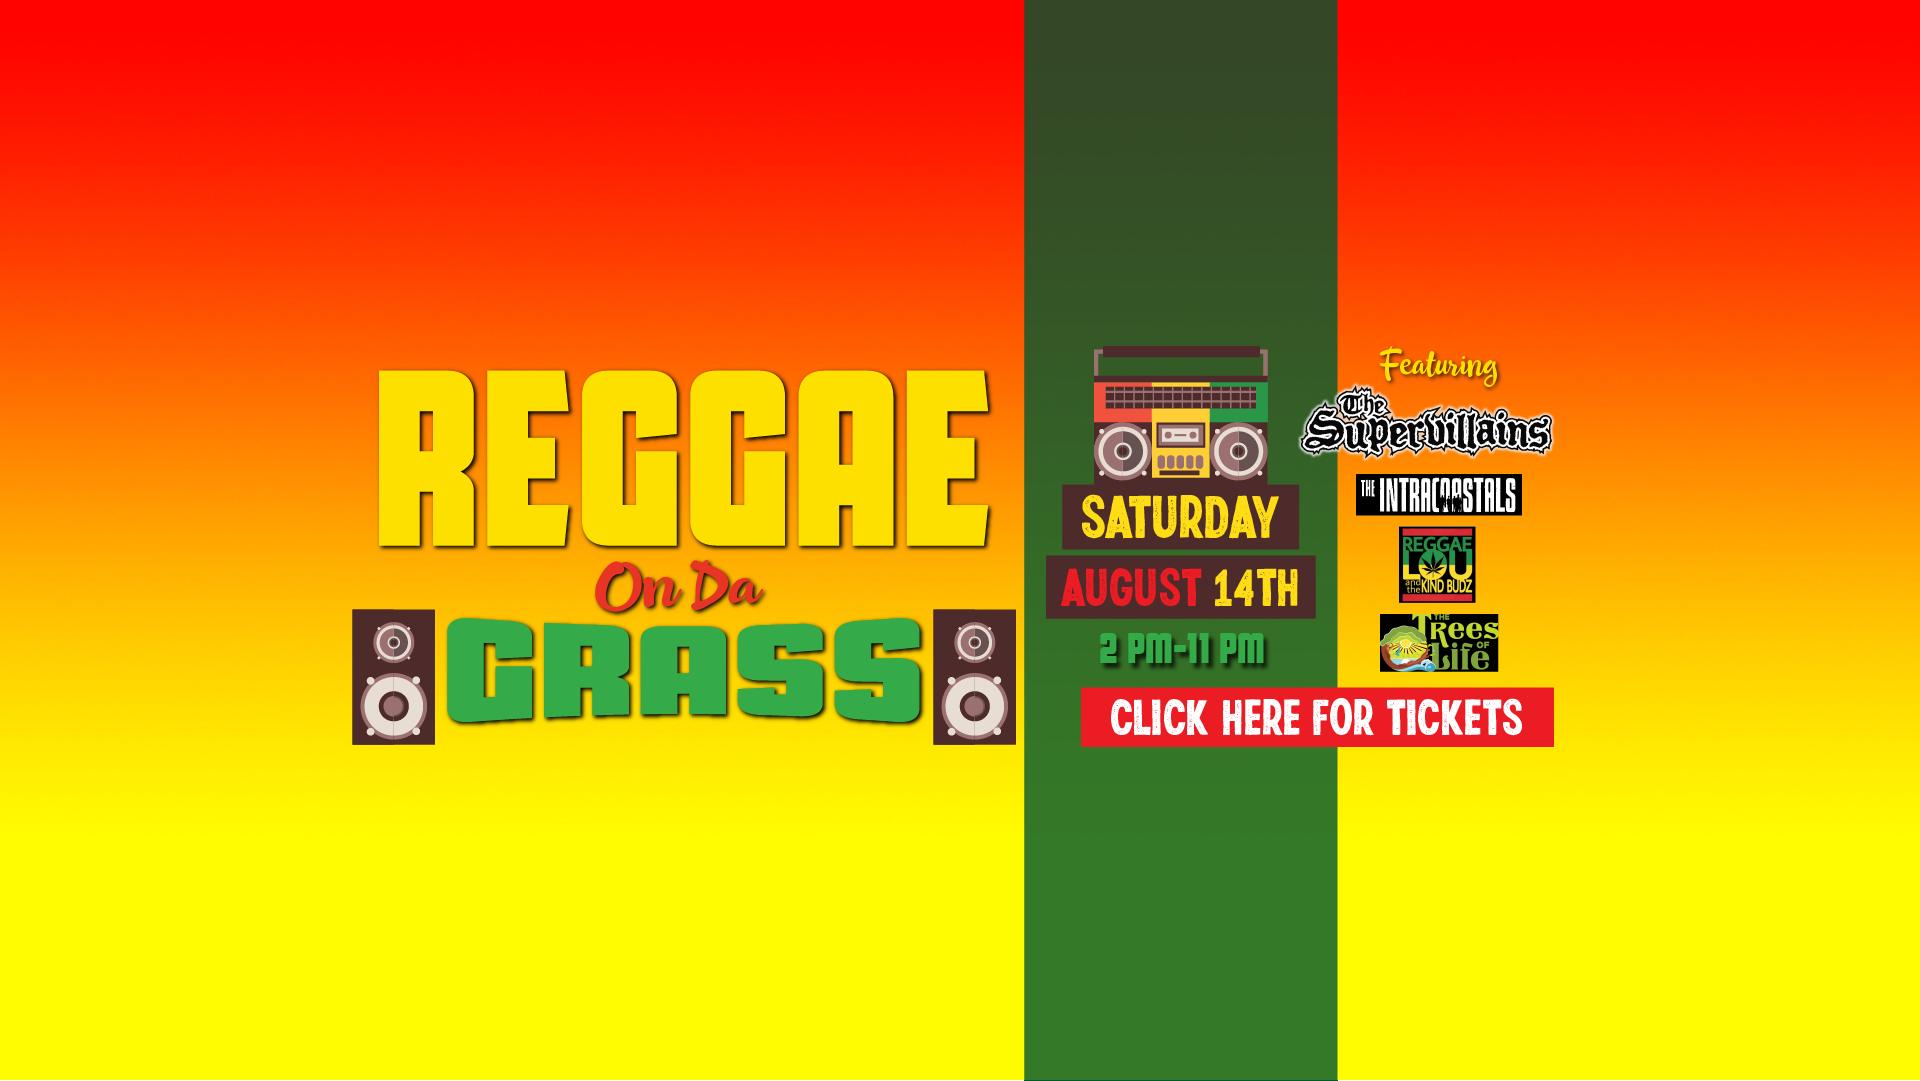 reggae_on_da_grass_slider.png reggae_on_da_grass_slider.png